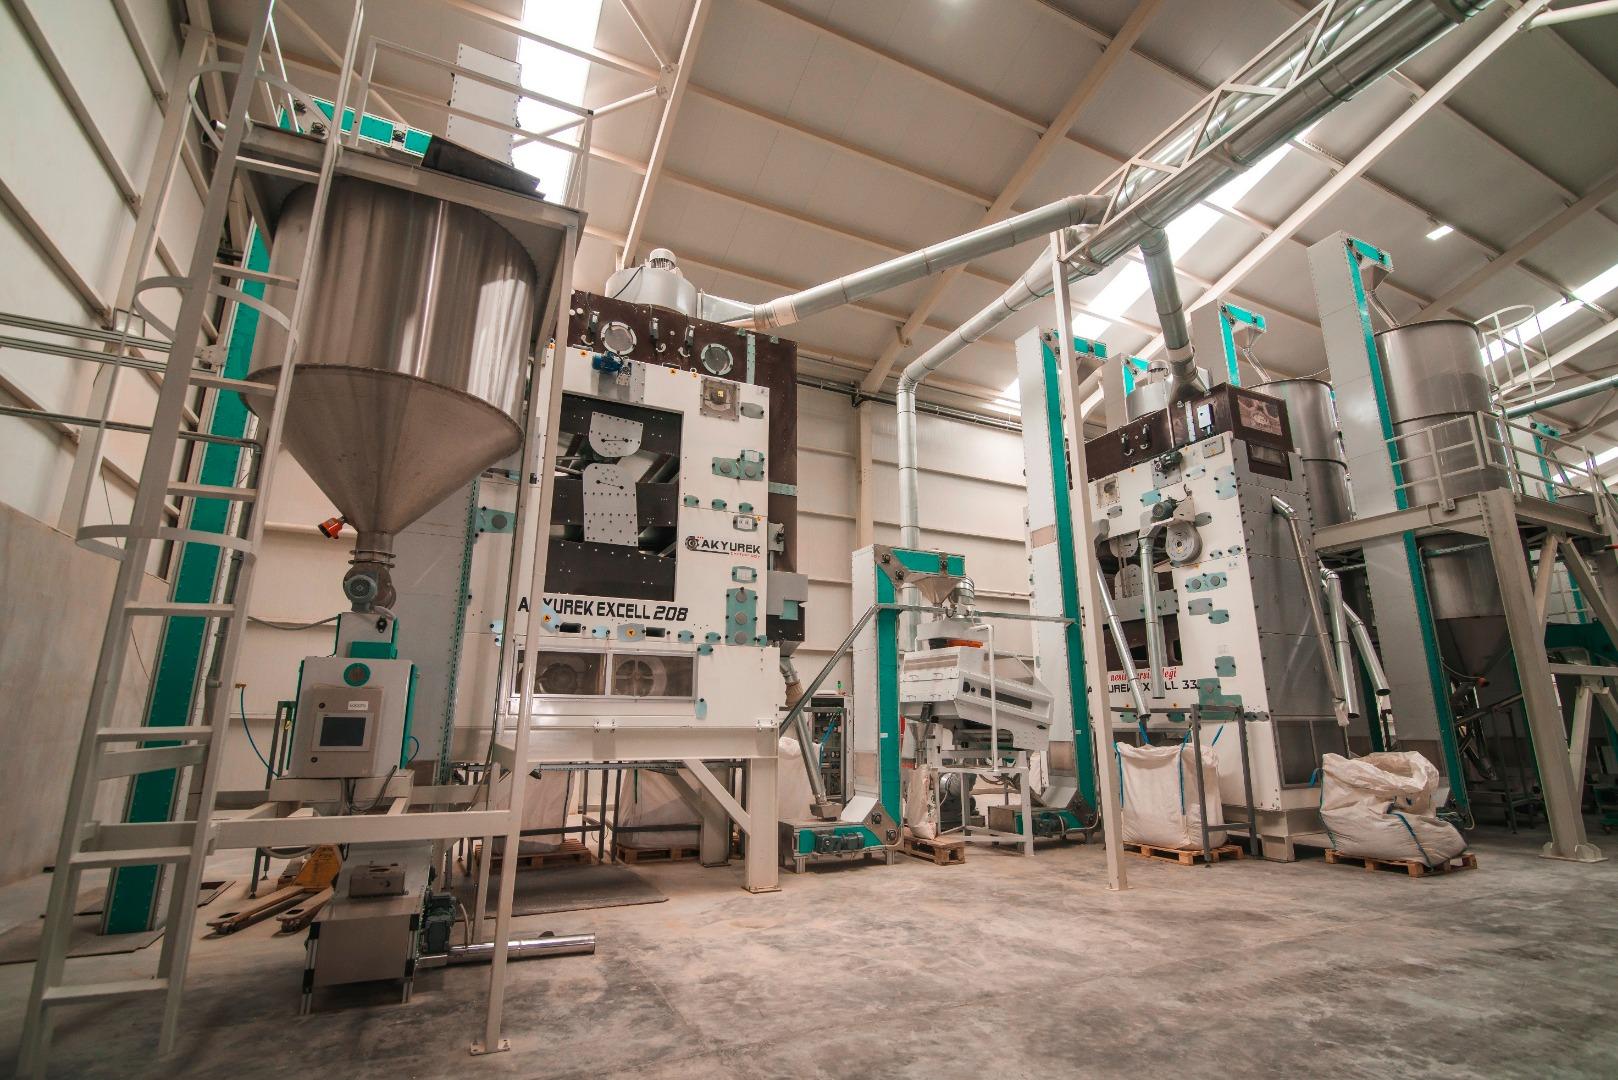 Duru Bulgur fabrika yatırımlarına devam ediyor